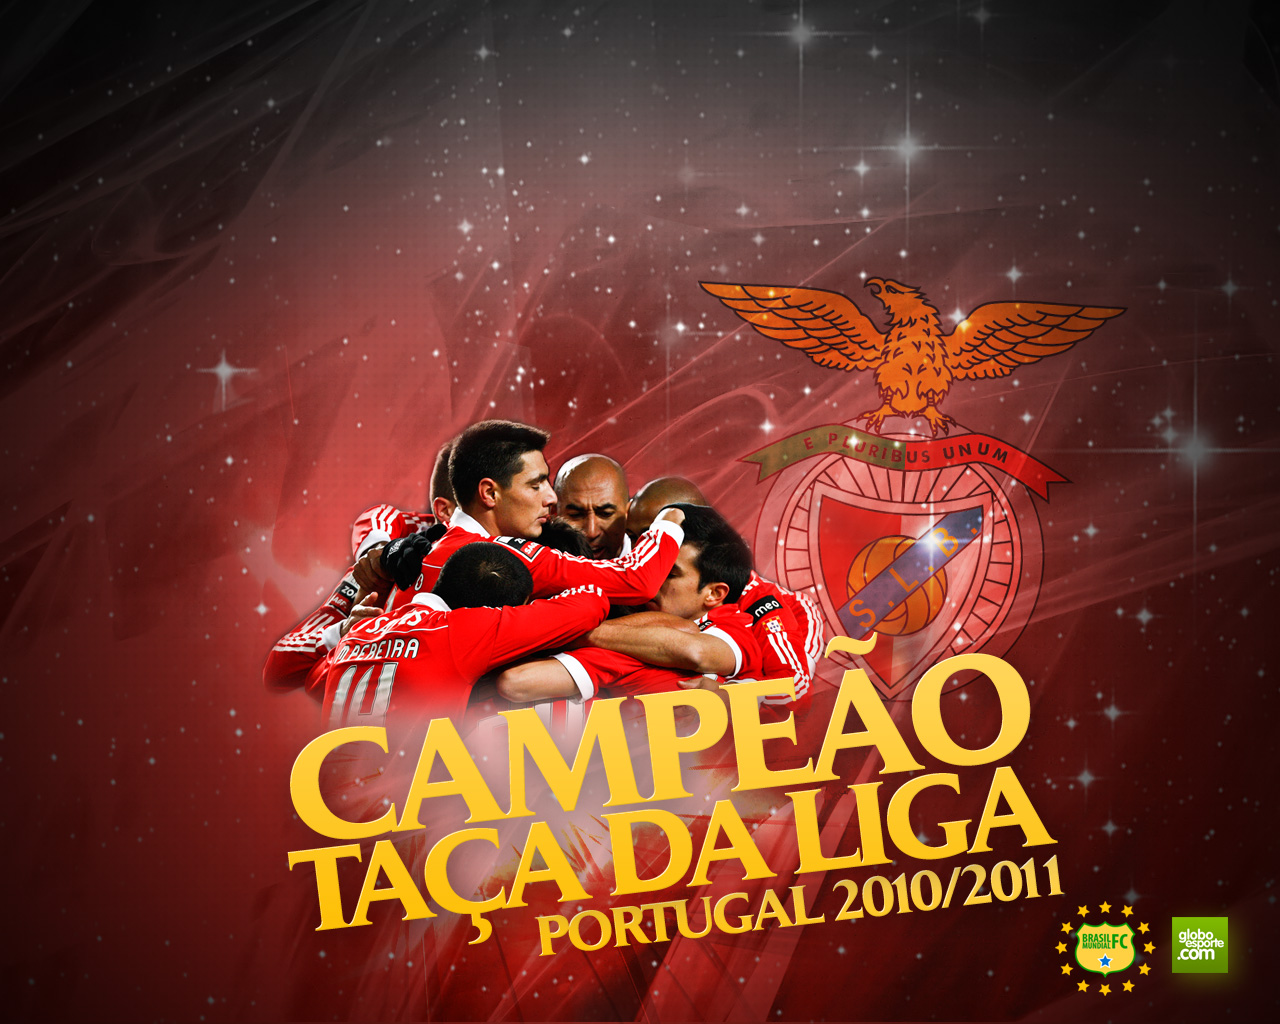 http://3.bp.blogspot.com/-JEJWToREi1U/TbNvhLdBuhI/AAAAAAAAAPY/C362vY_4uv8/s1600/wallpaper_Benfica_1280.jpg